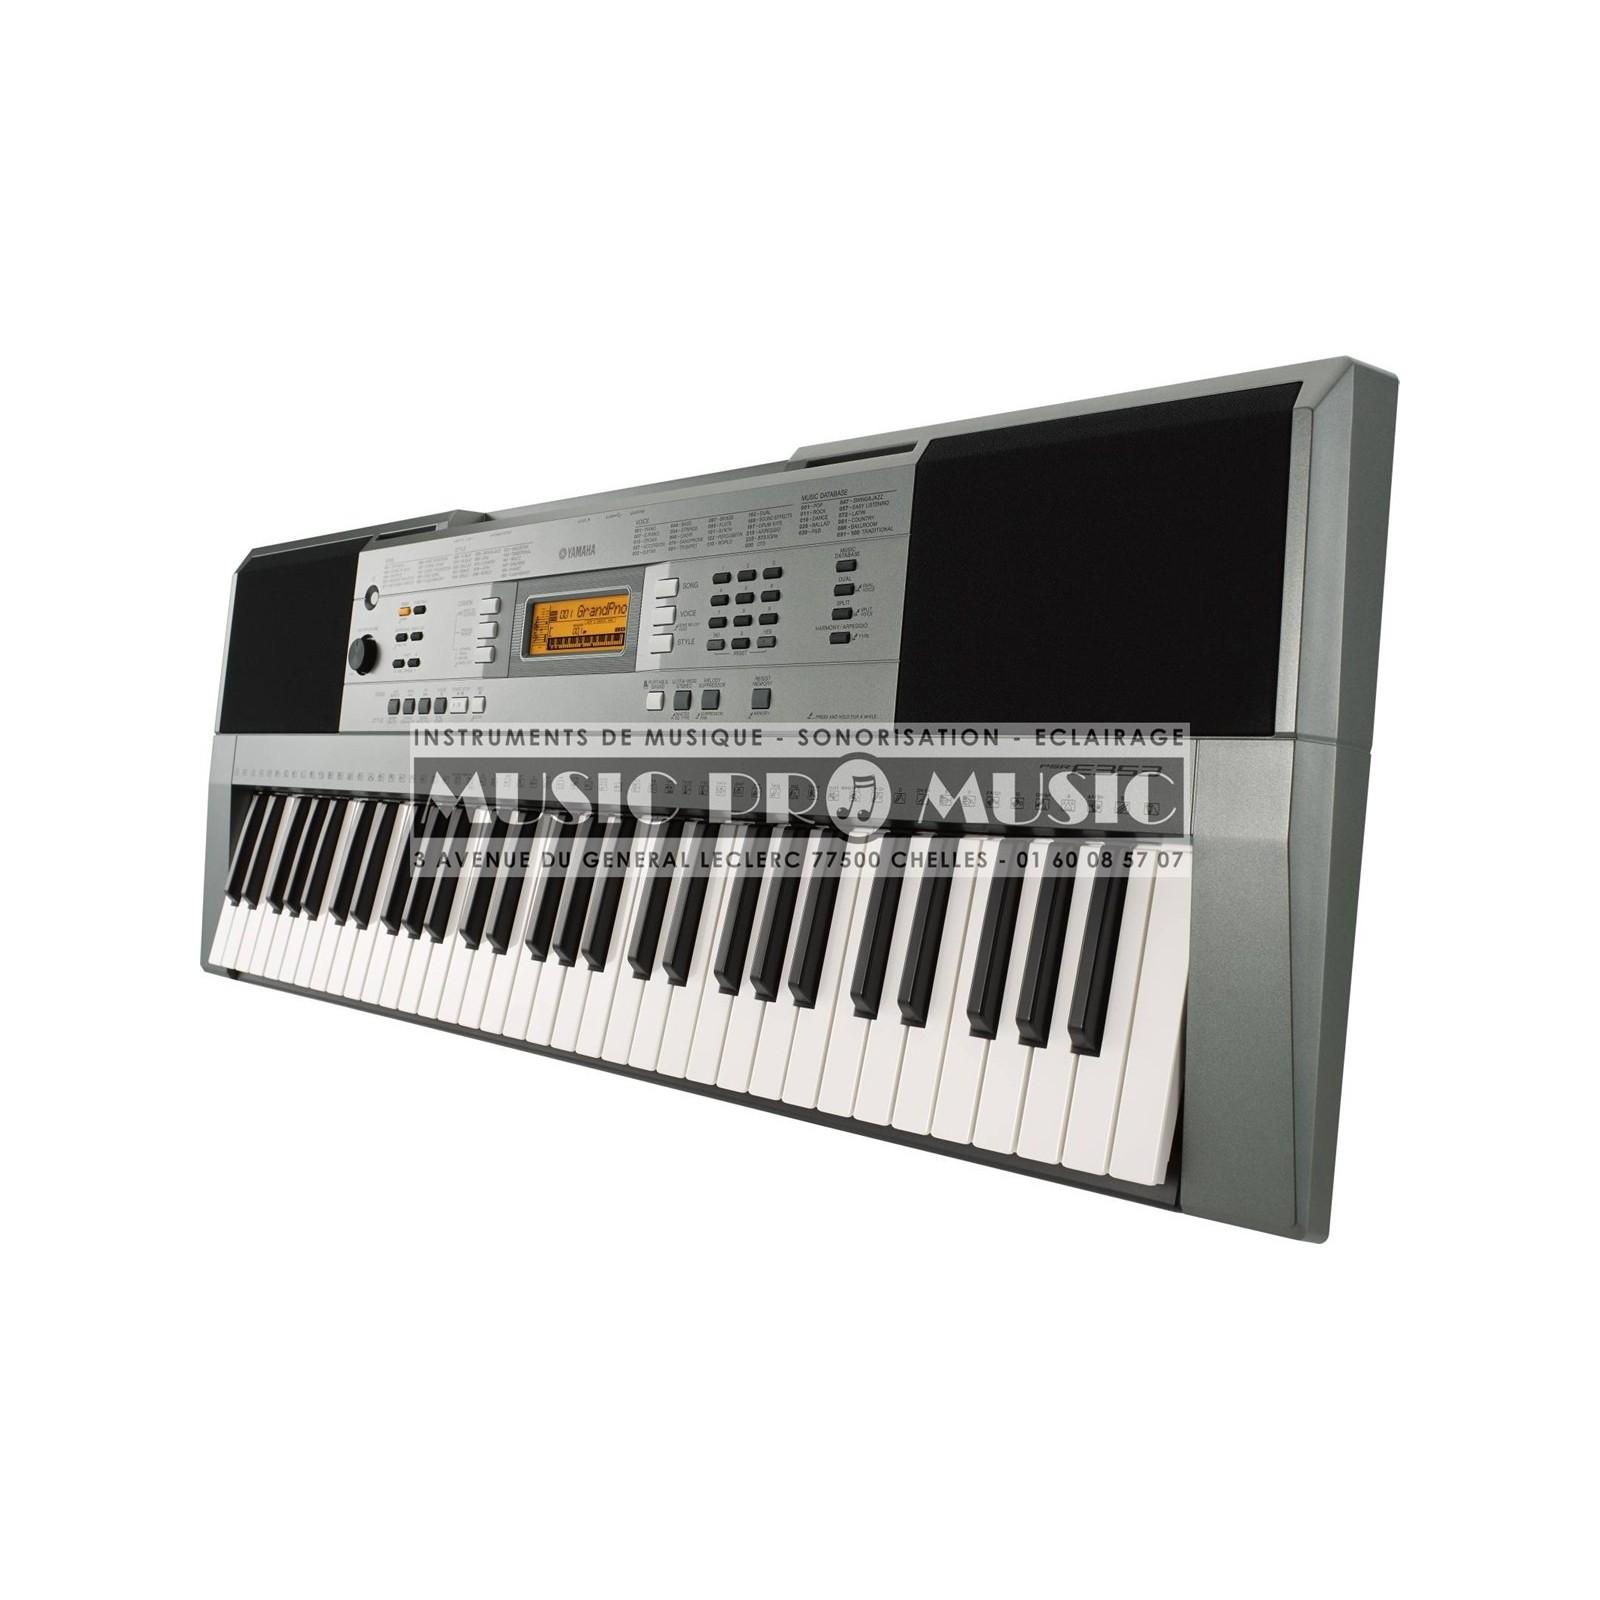 yamaha psr e353 clavier arrangeur 61 notes. Black Bedroom Furniture Sets. Home Design Ideas